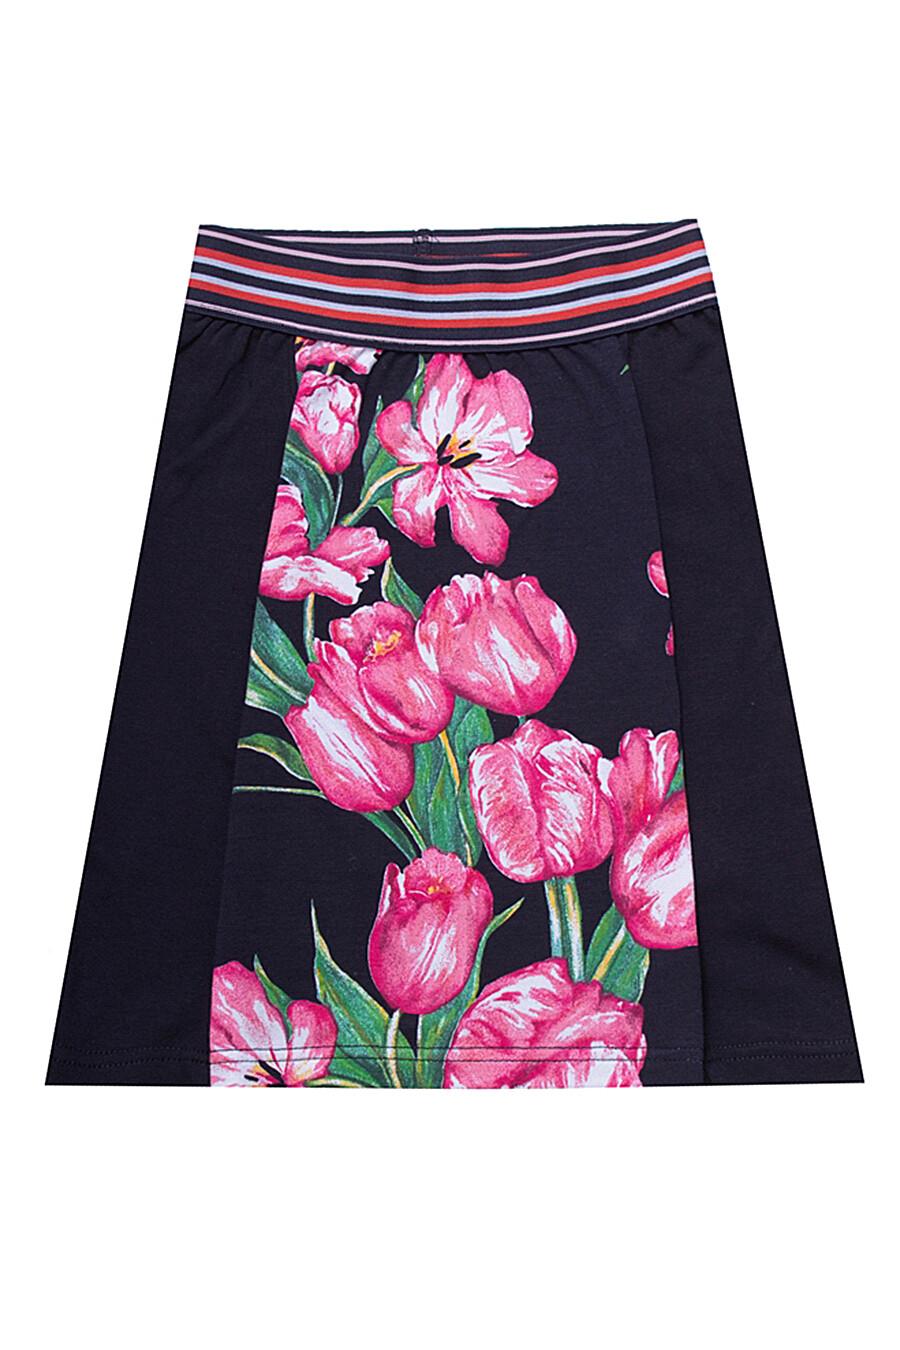 Юбка для девочек АПРЕЛЬ 699954 купить оптом от производителя. Совместная покупка детской одежды в OptMoyo